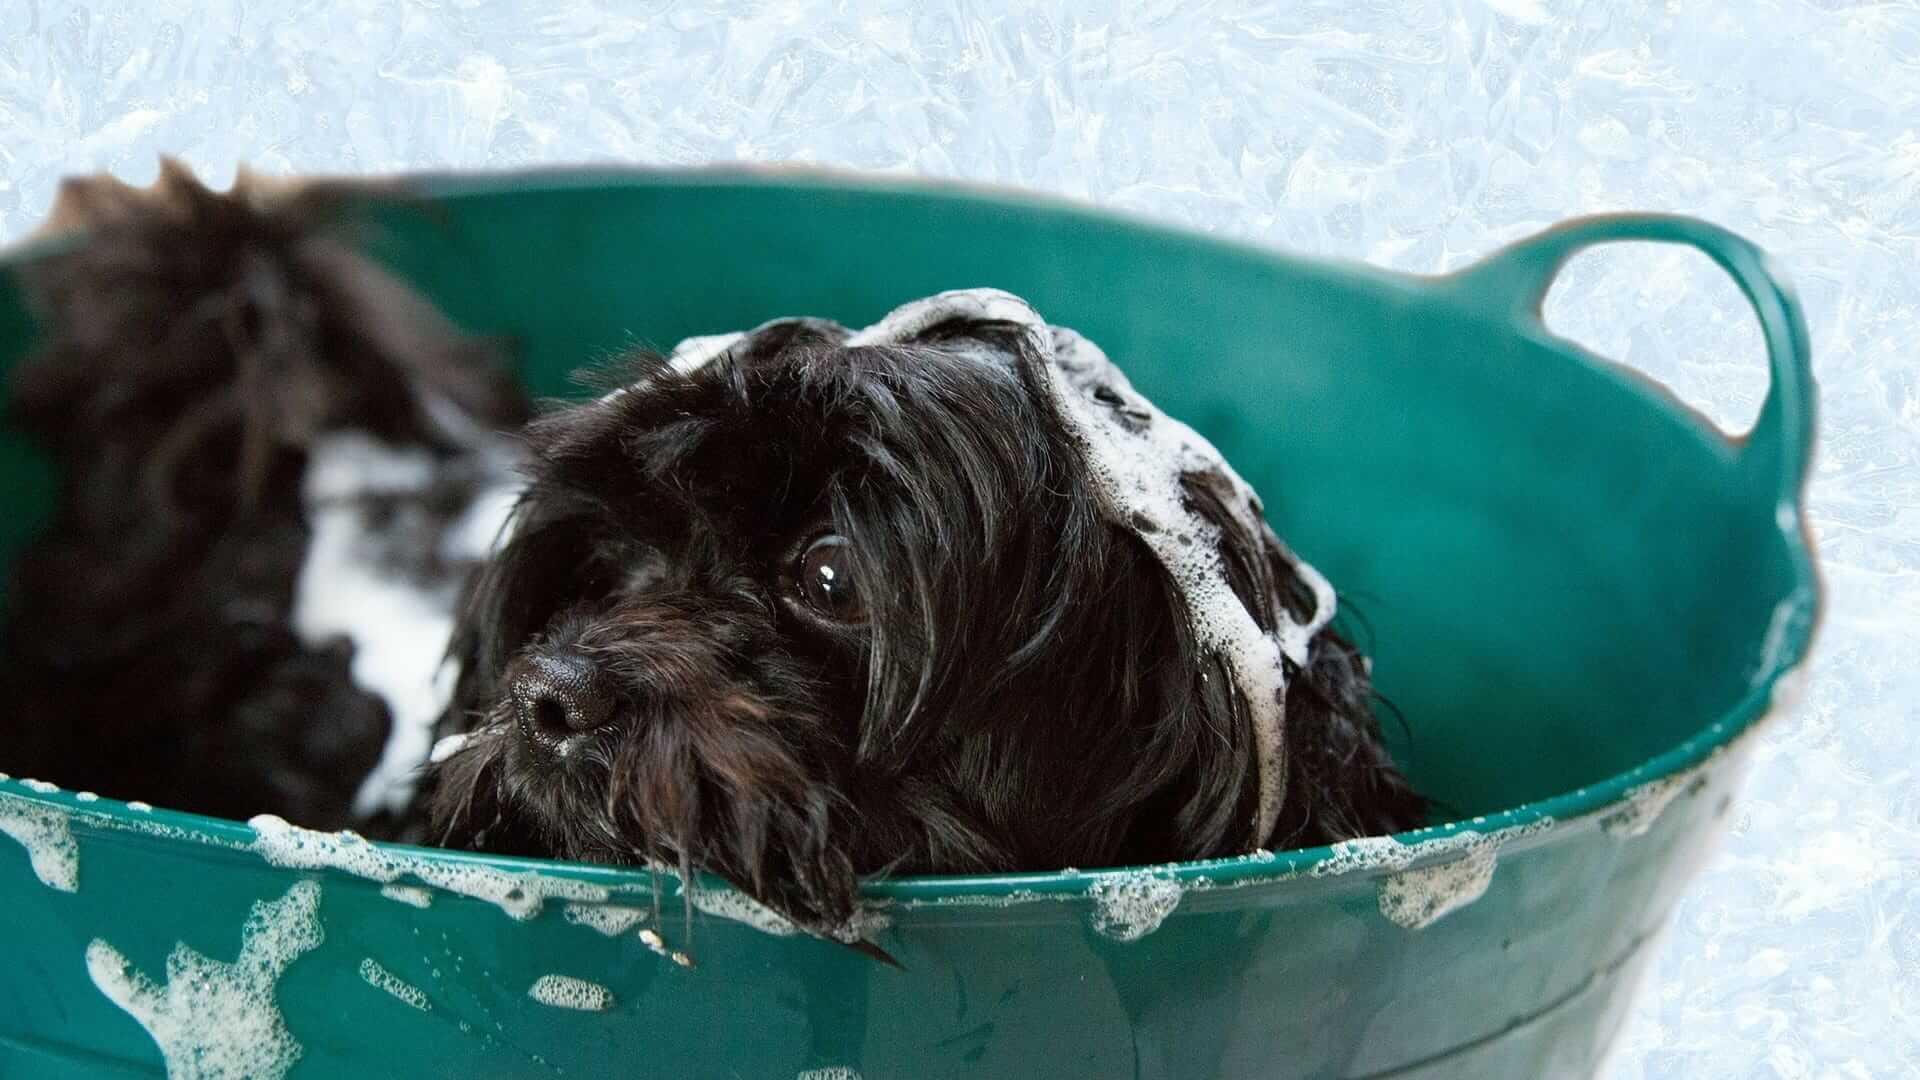 Cane che puzza? Ecco come lavare il cane senza lavarlo